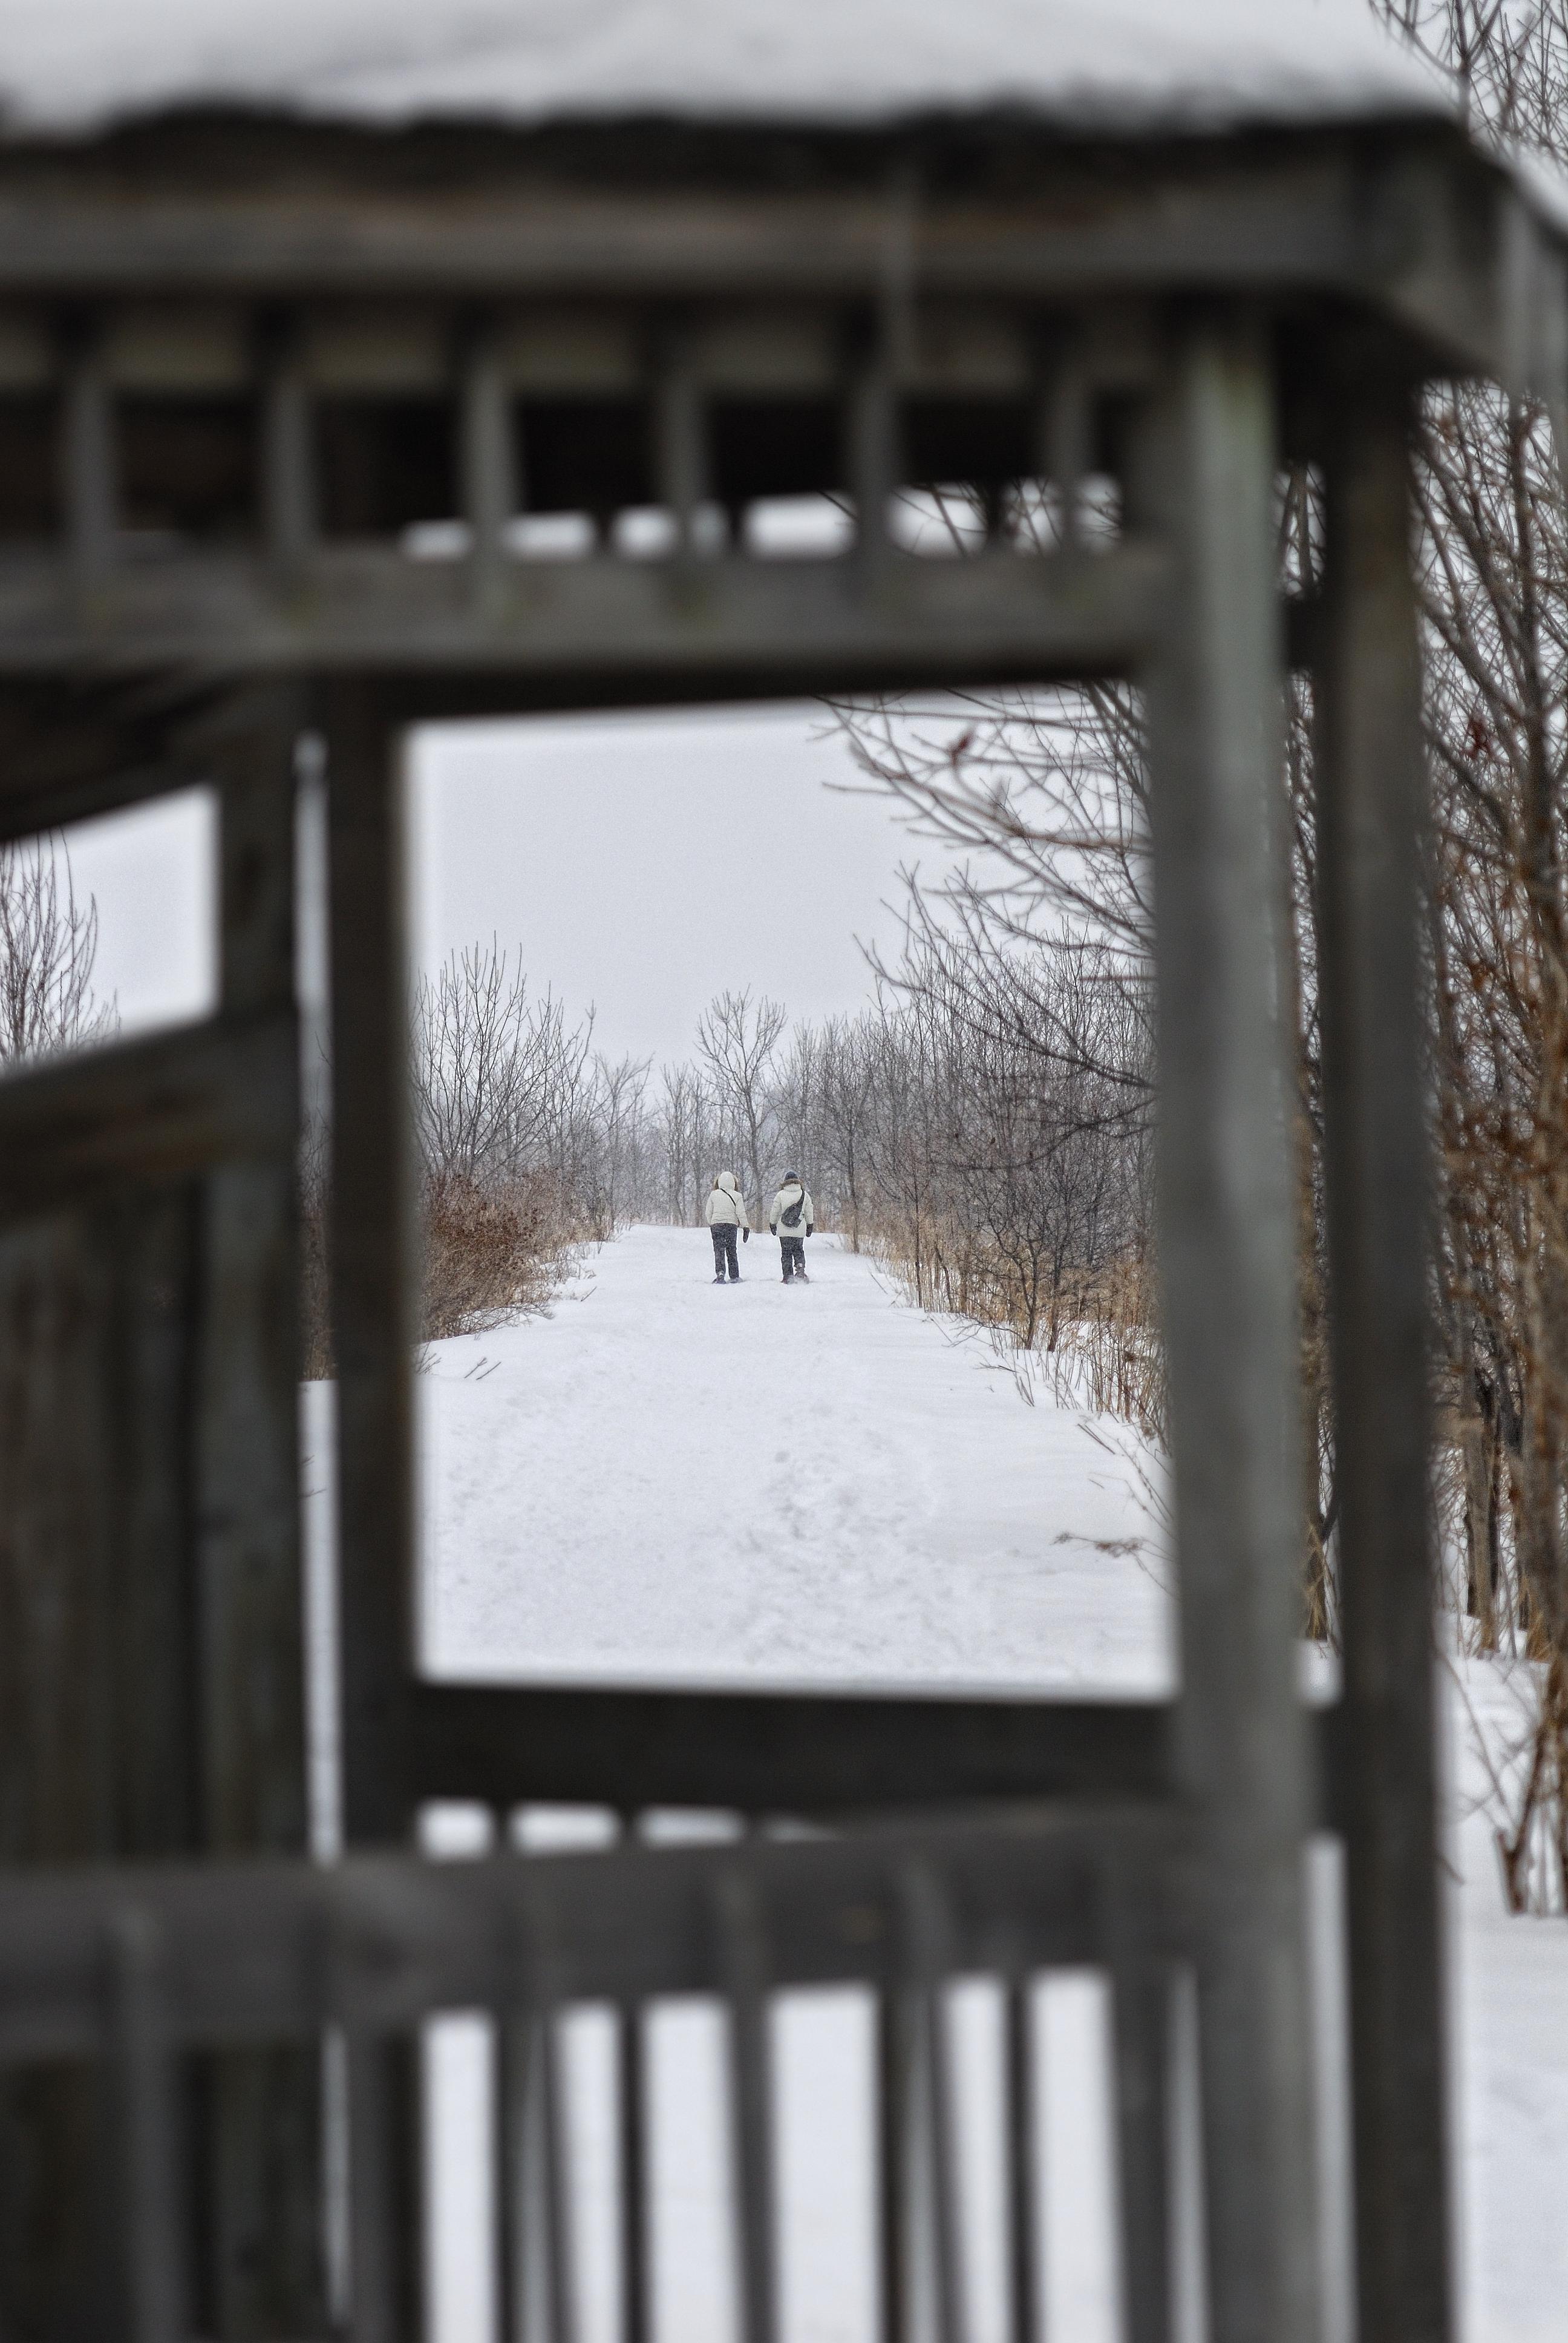 Promenade hivernale sur la digue à la Réserve naturelle du Marais-Léon-Provancher (Photo: yvanbedardphotonature.com)